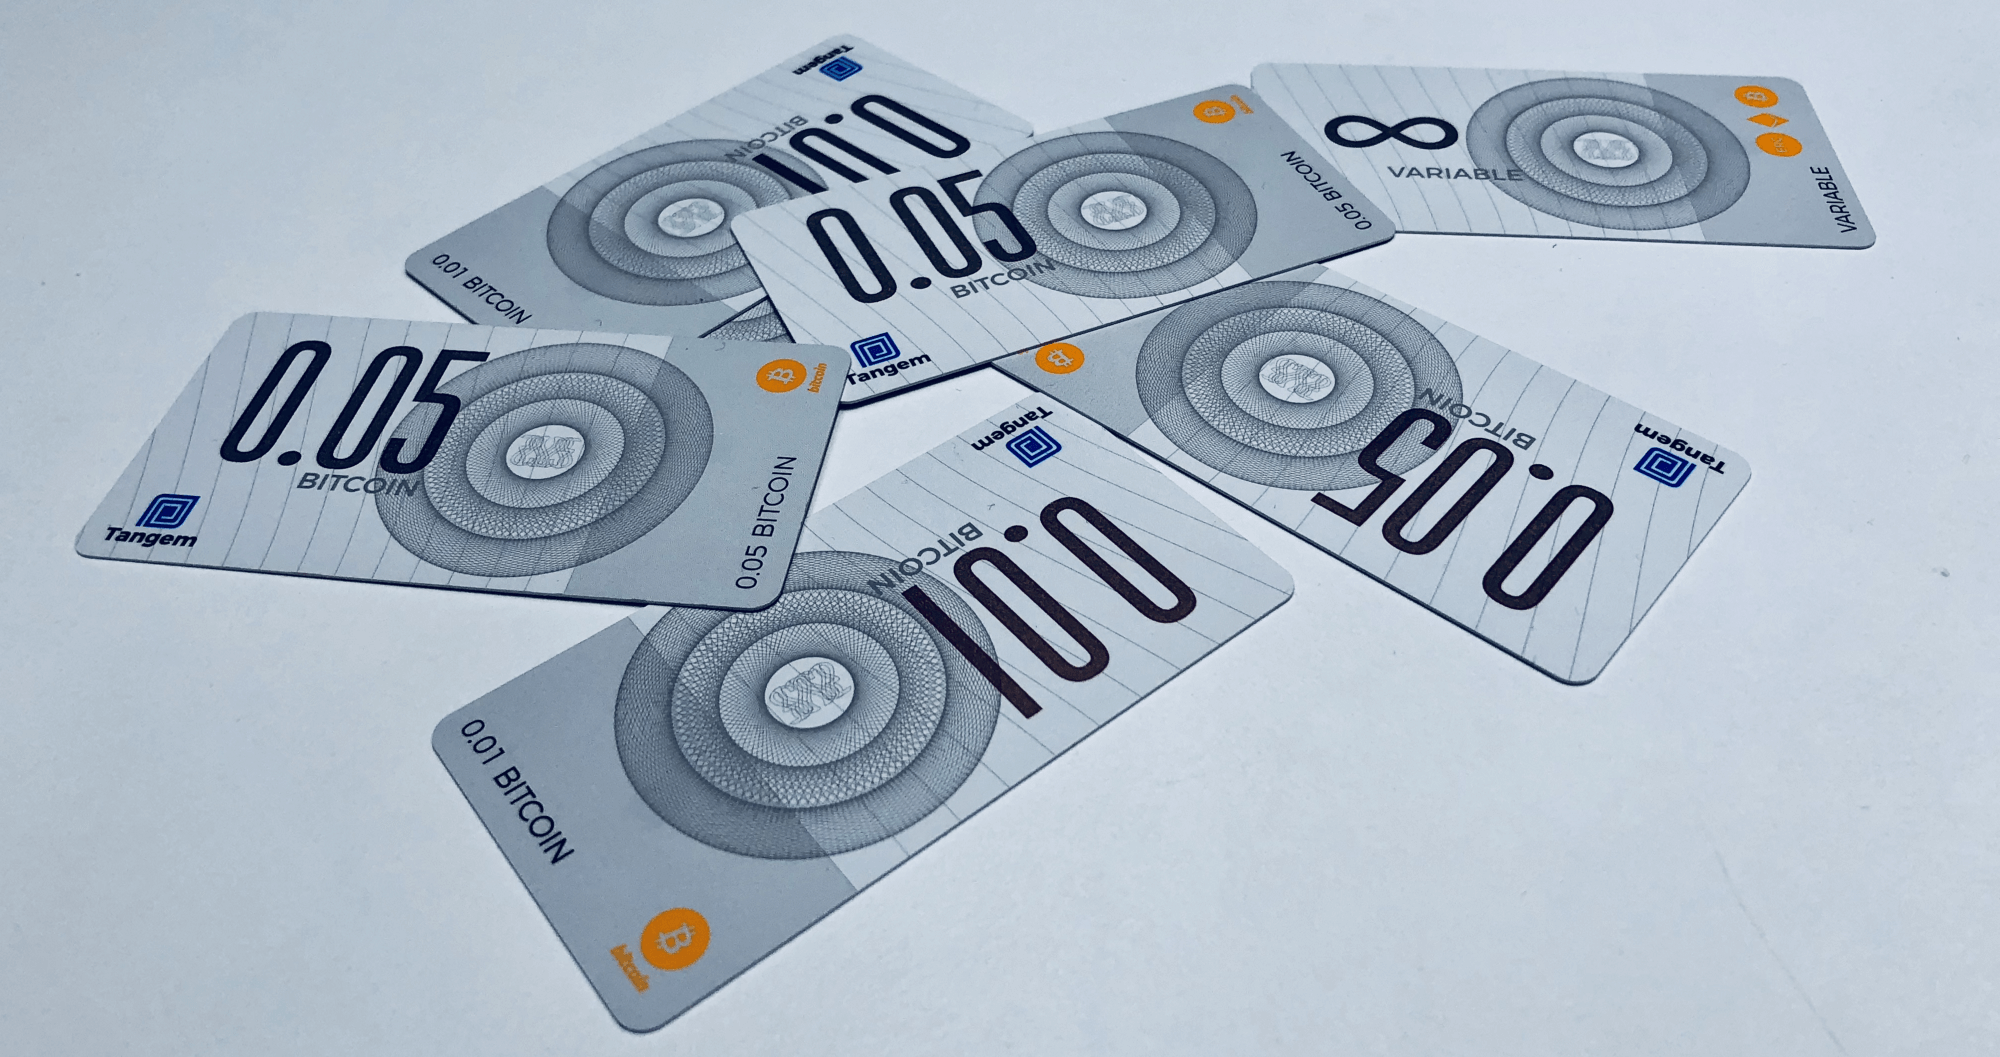 Smart bitcoin banknotes